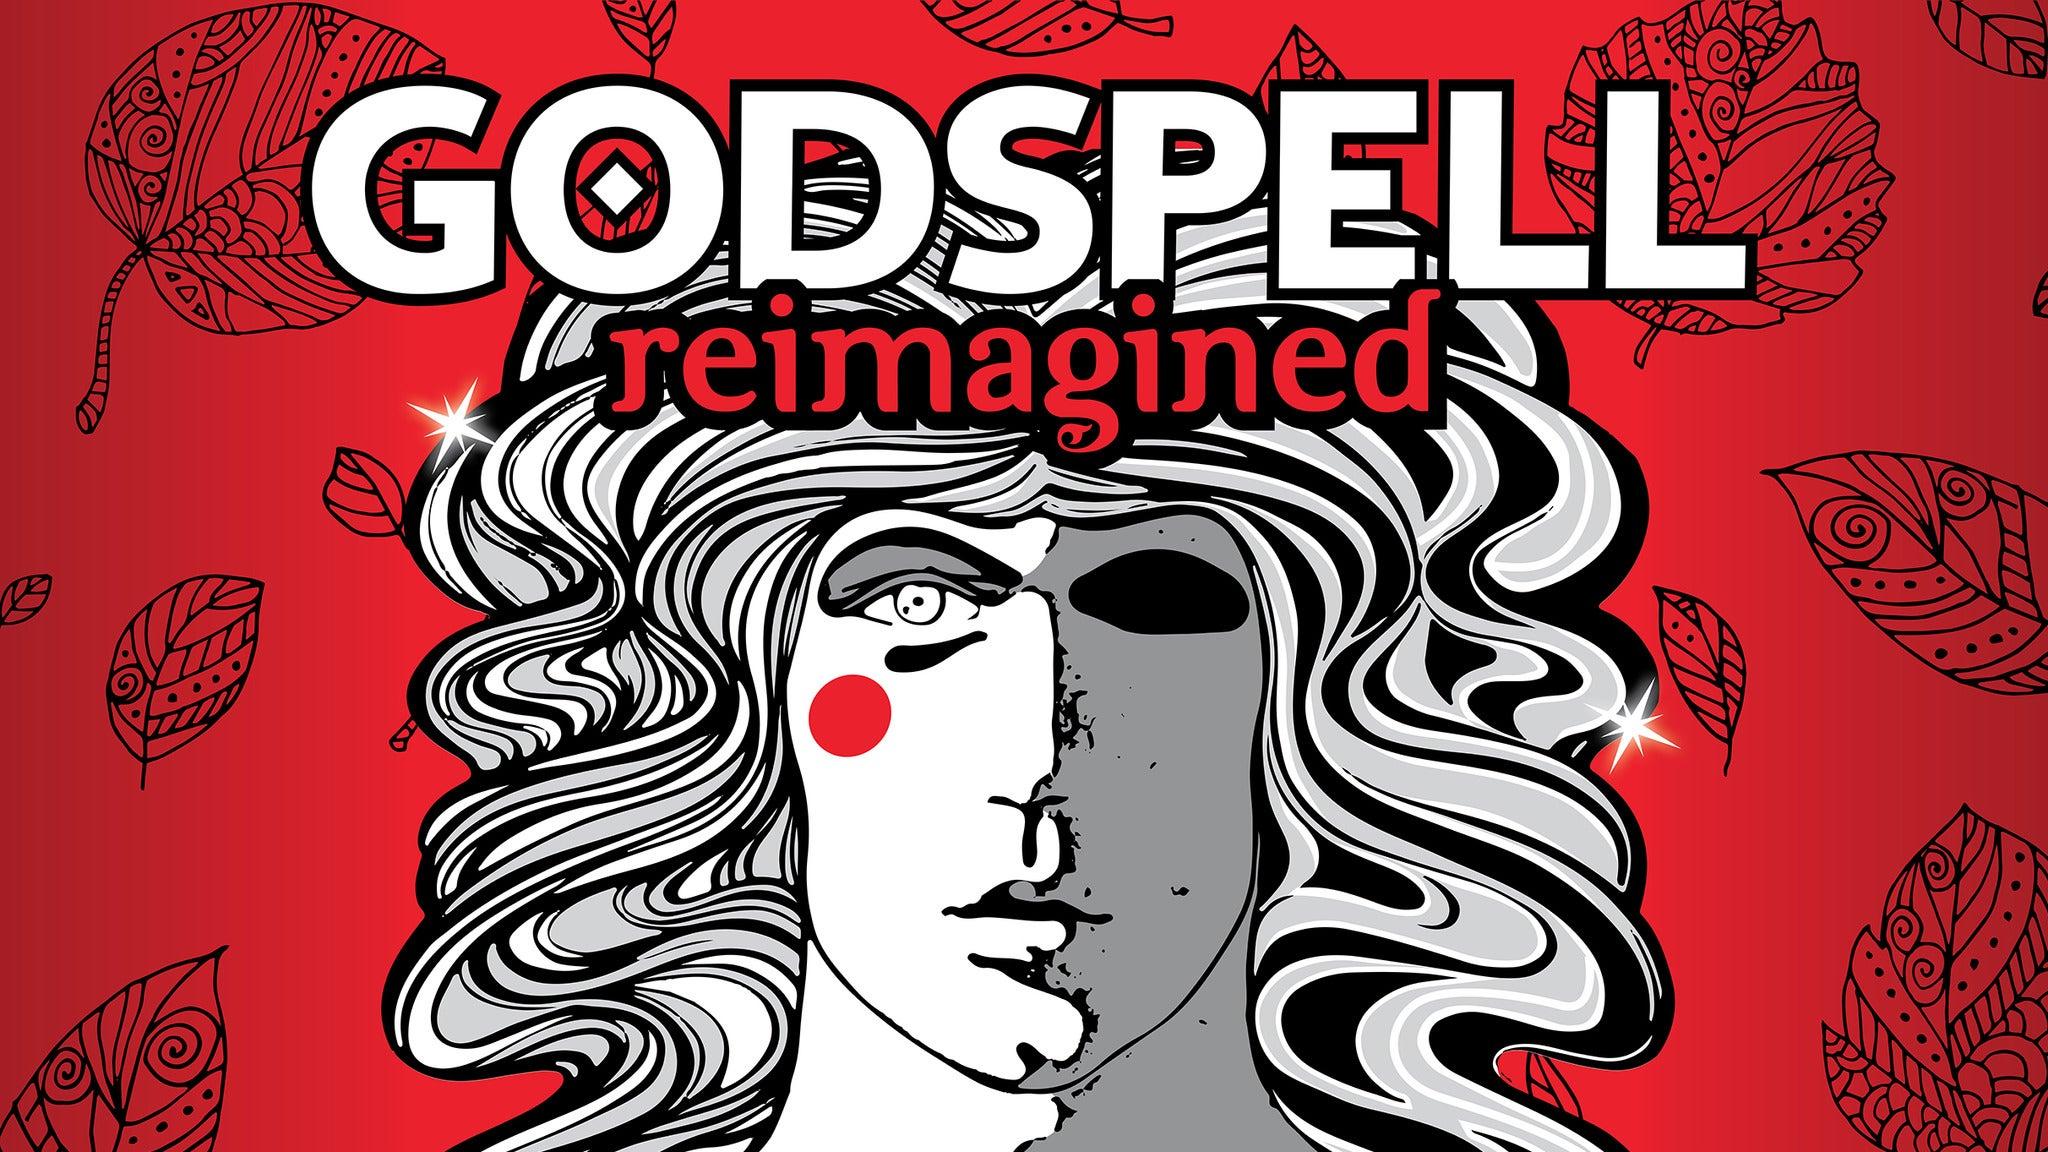 Godspell at Abdo New River Room at the Broward Center